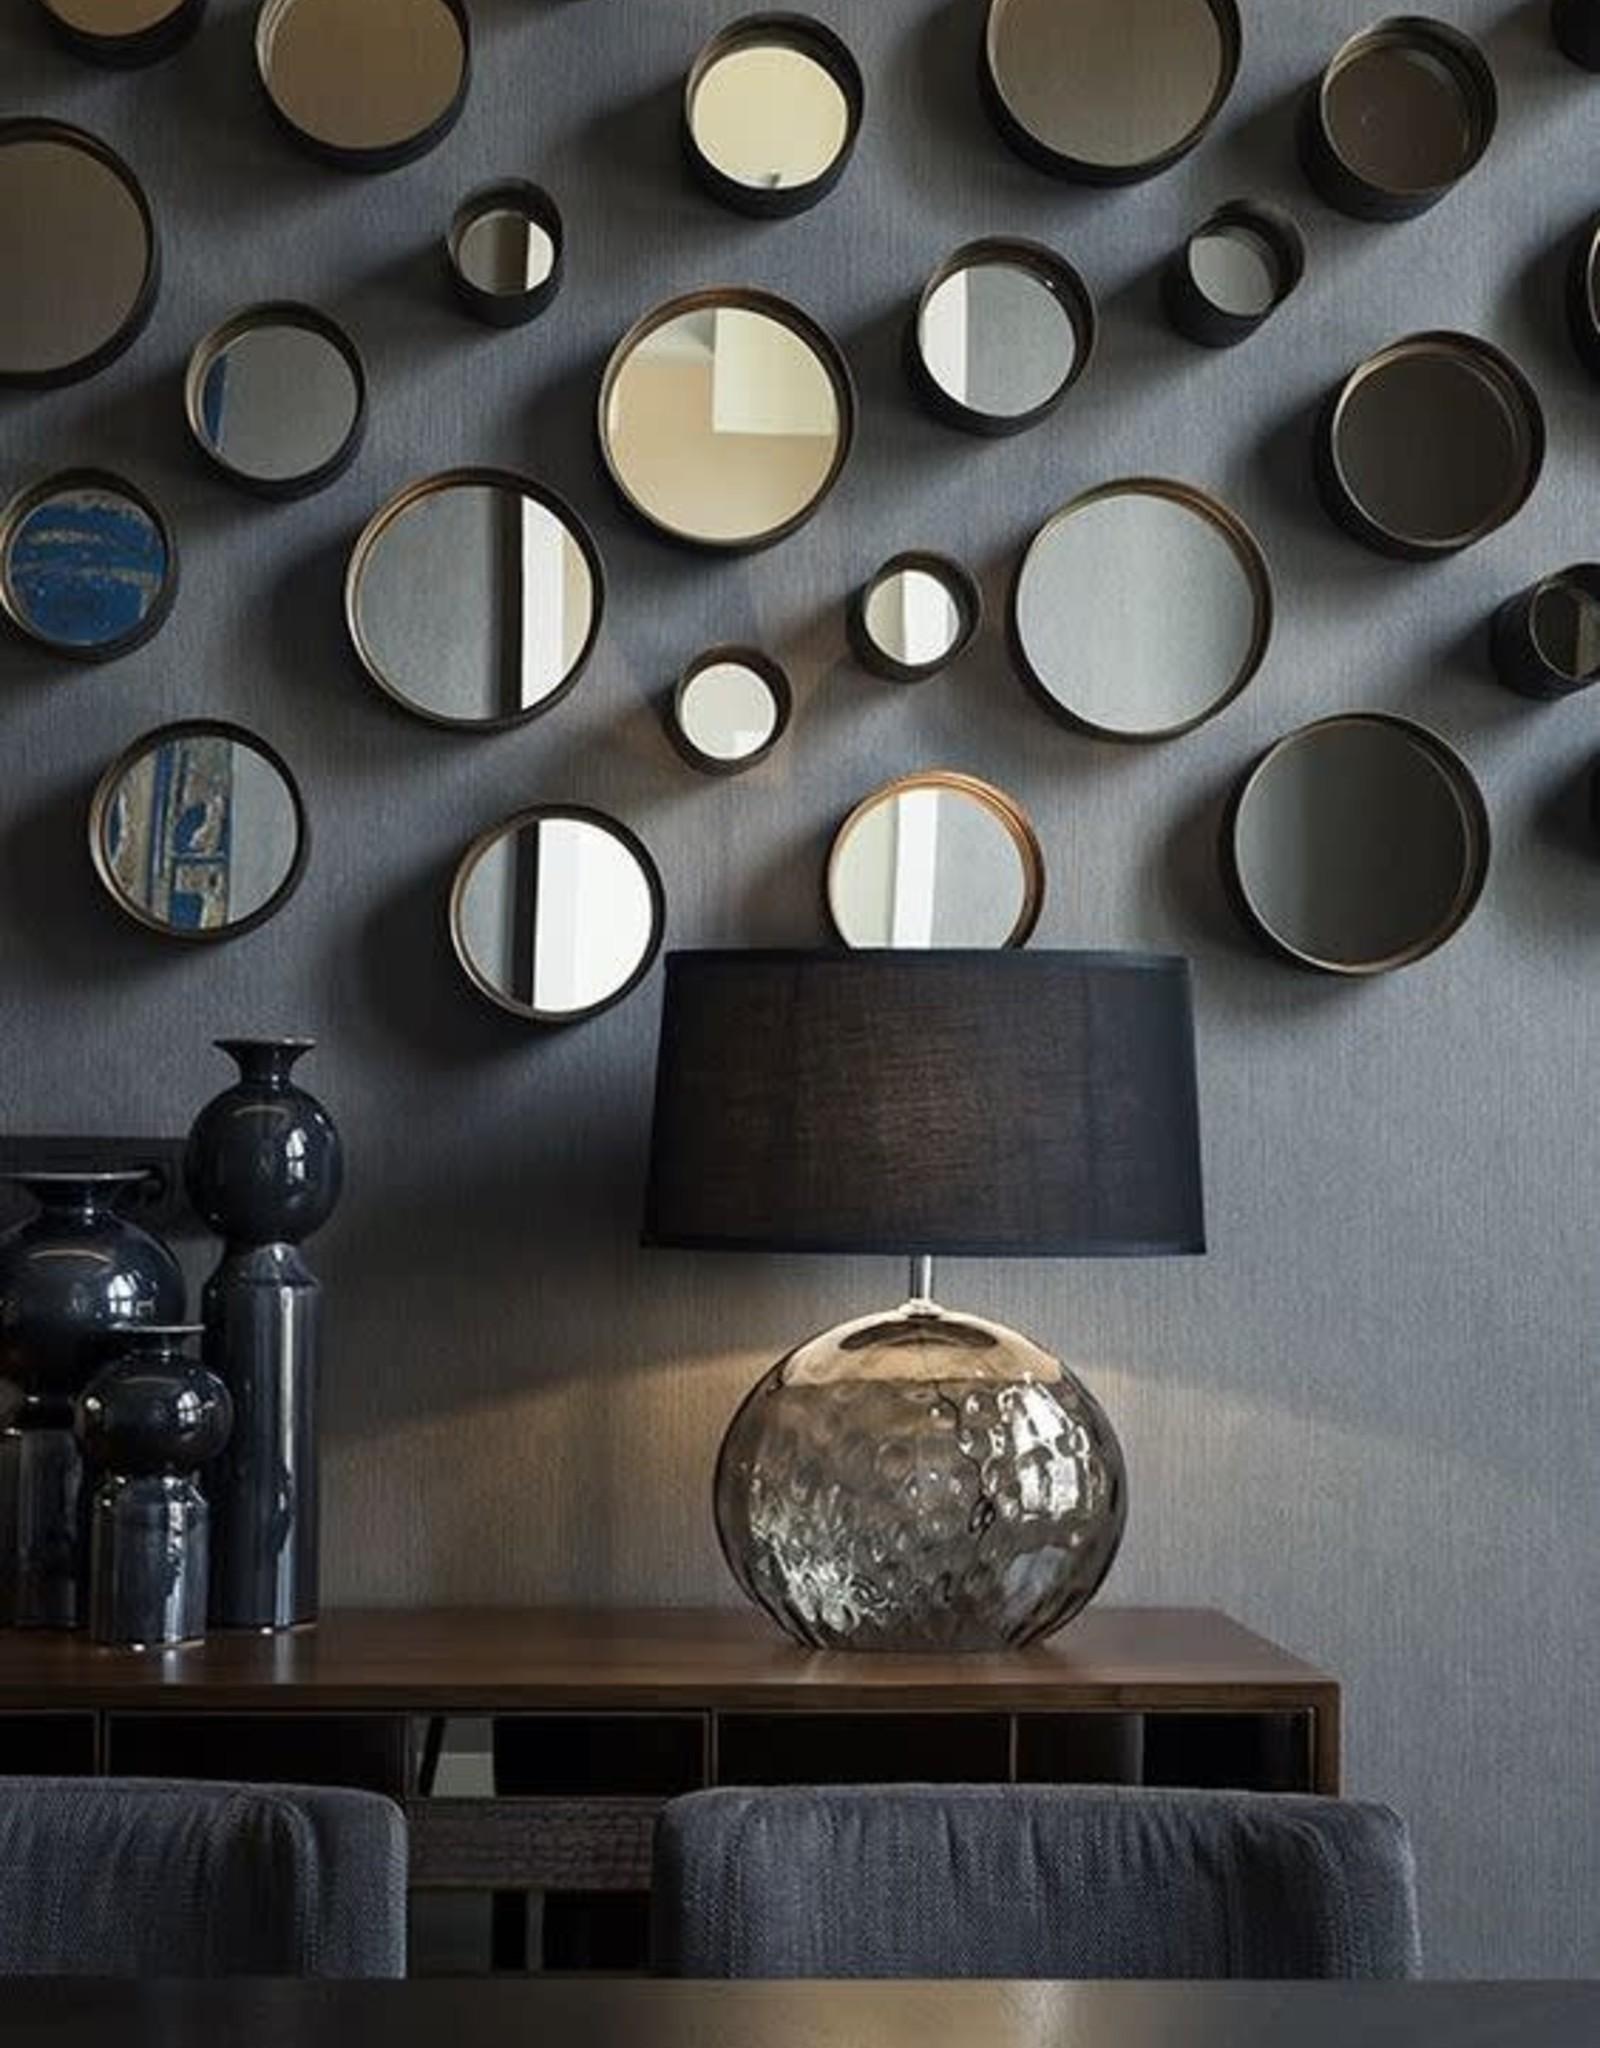 Dome Deco Dome Deco - Iron Mirrors